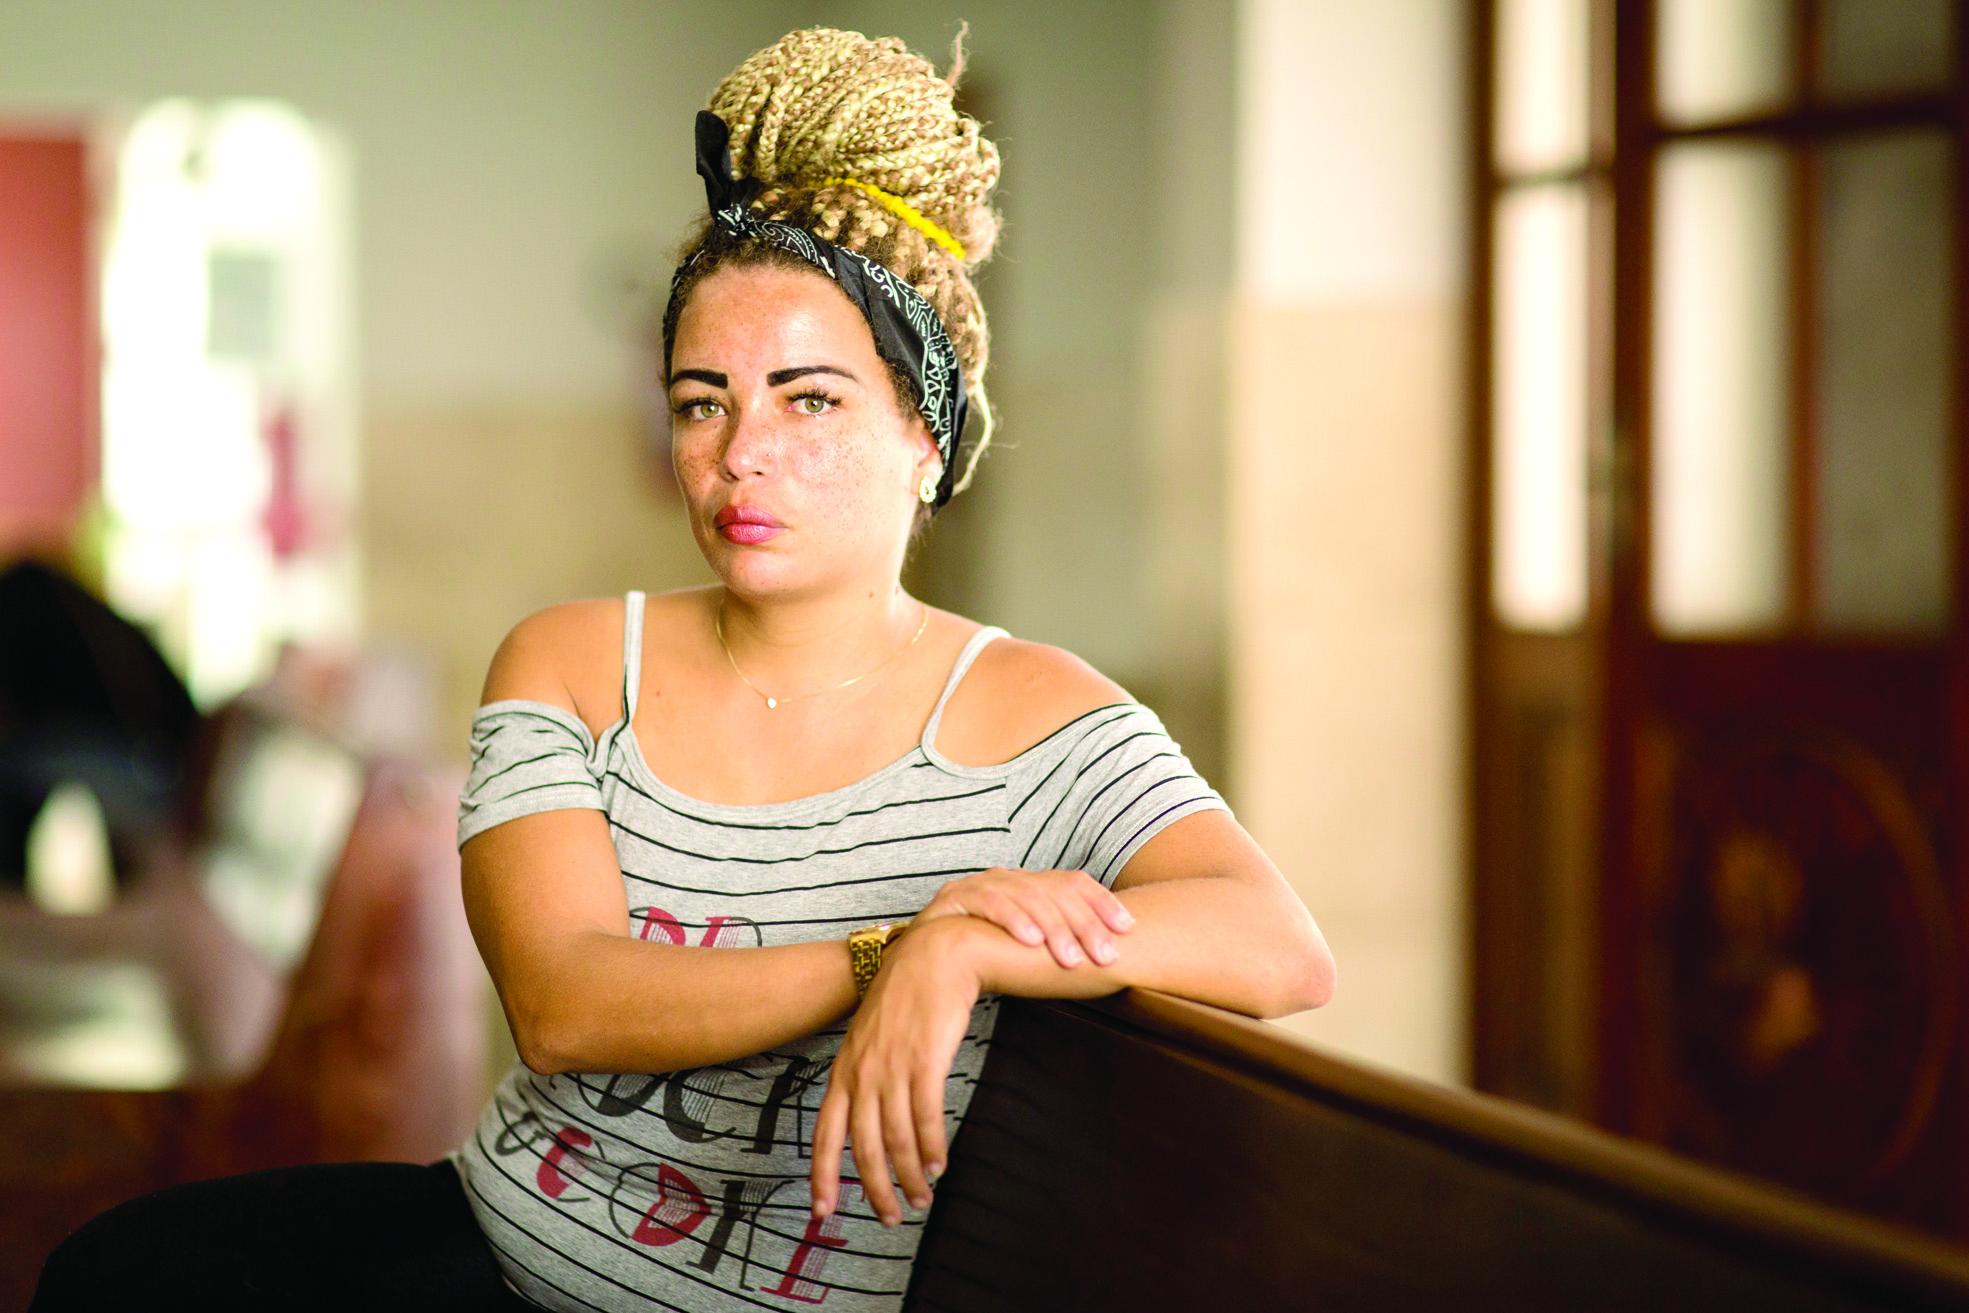 SOC Rio de Janeiro (RJ) 13/10/2017 - ONU divulga resultados sobre direitos reprodutivos de mulheres na America Latina. Vanessa do Nascimento, 30 anos. Foto : Fernando Lemos / Agencia O Globo